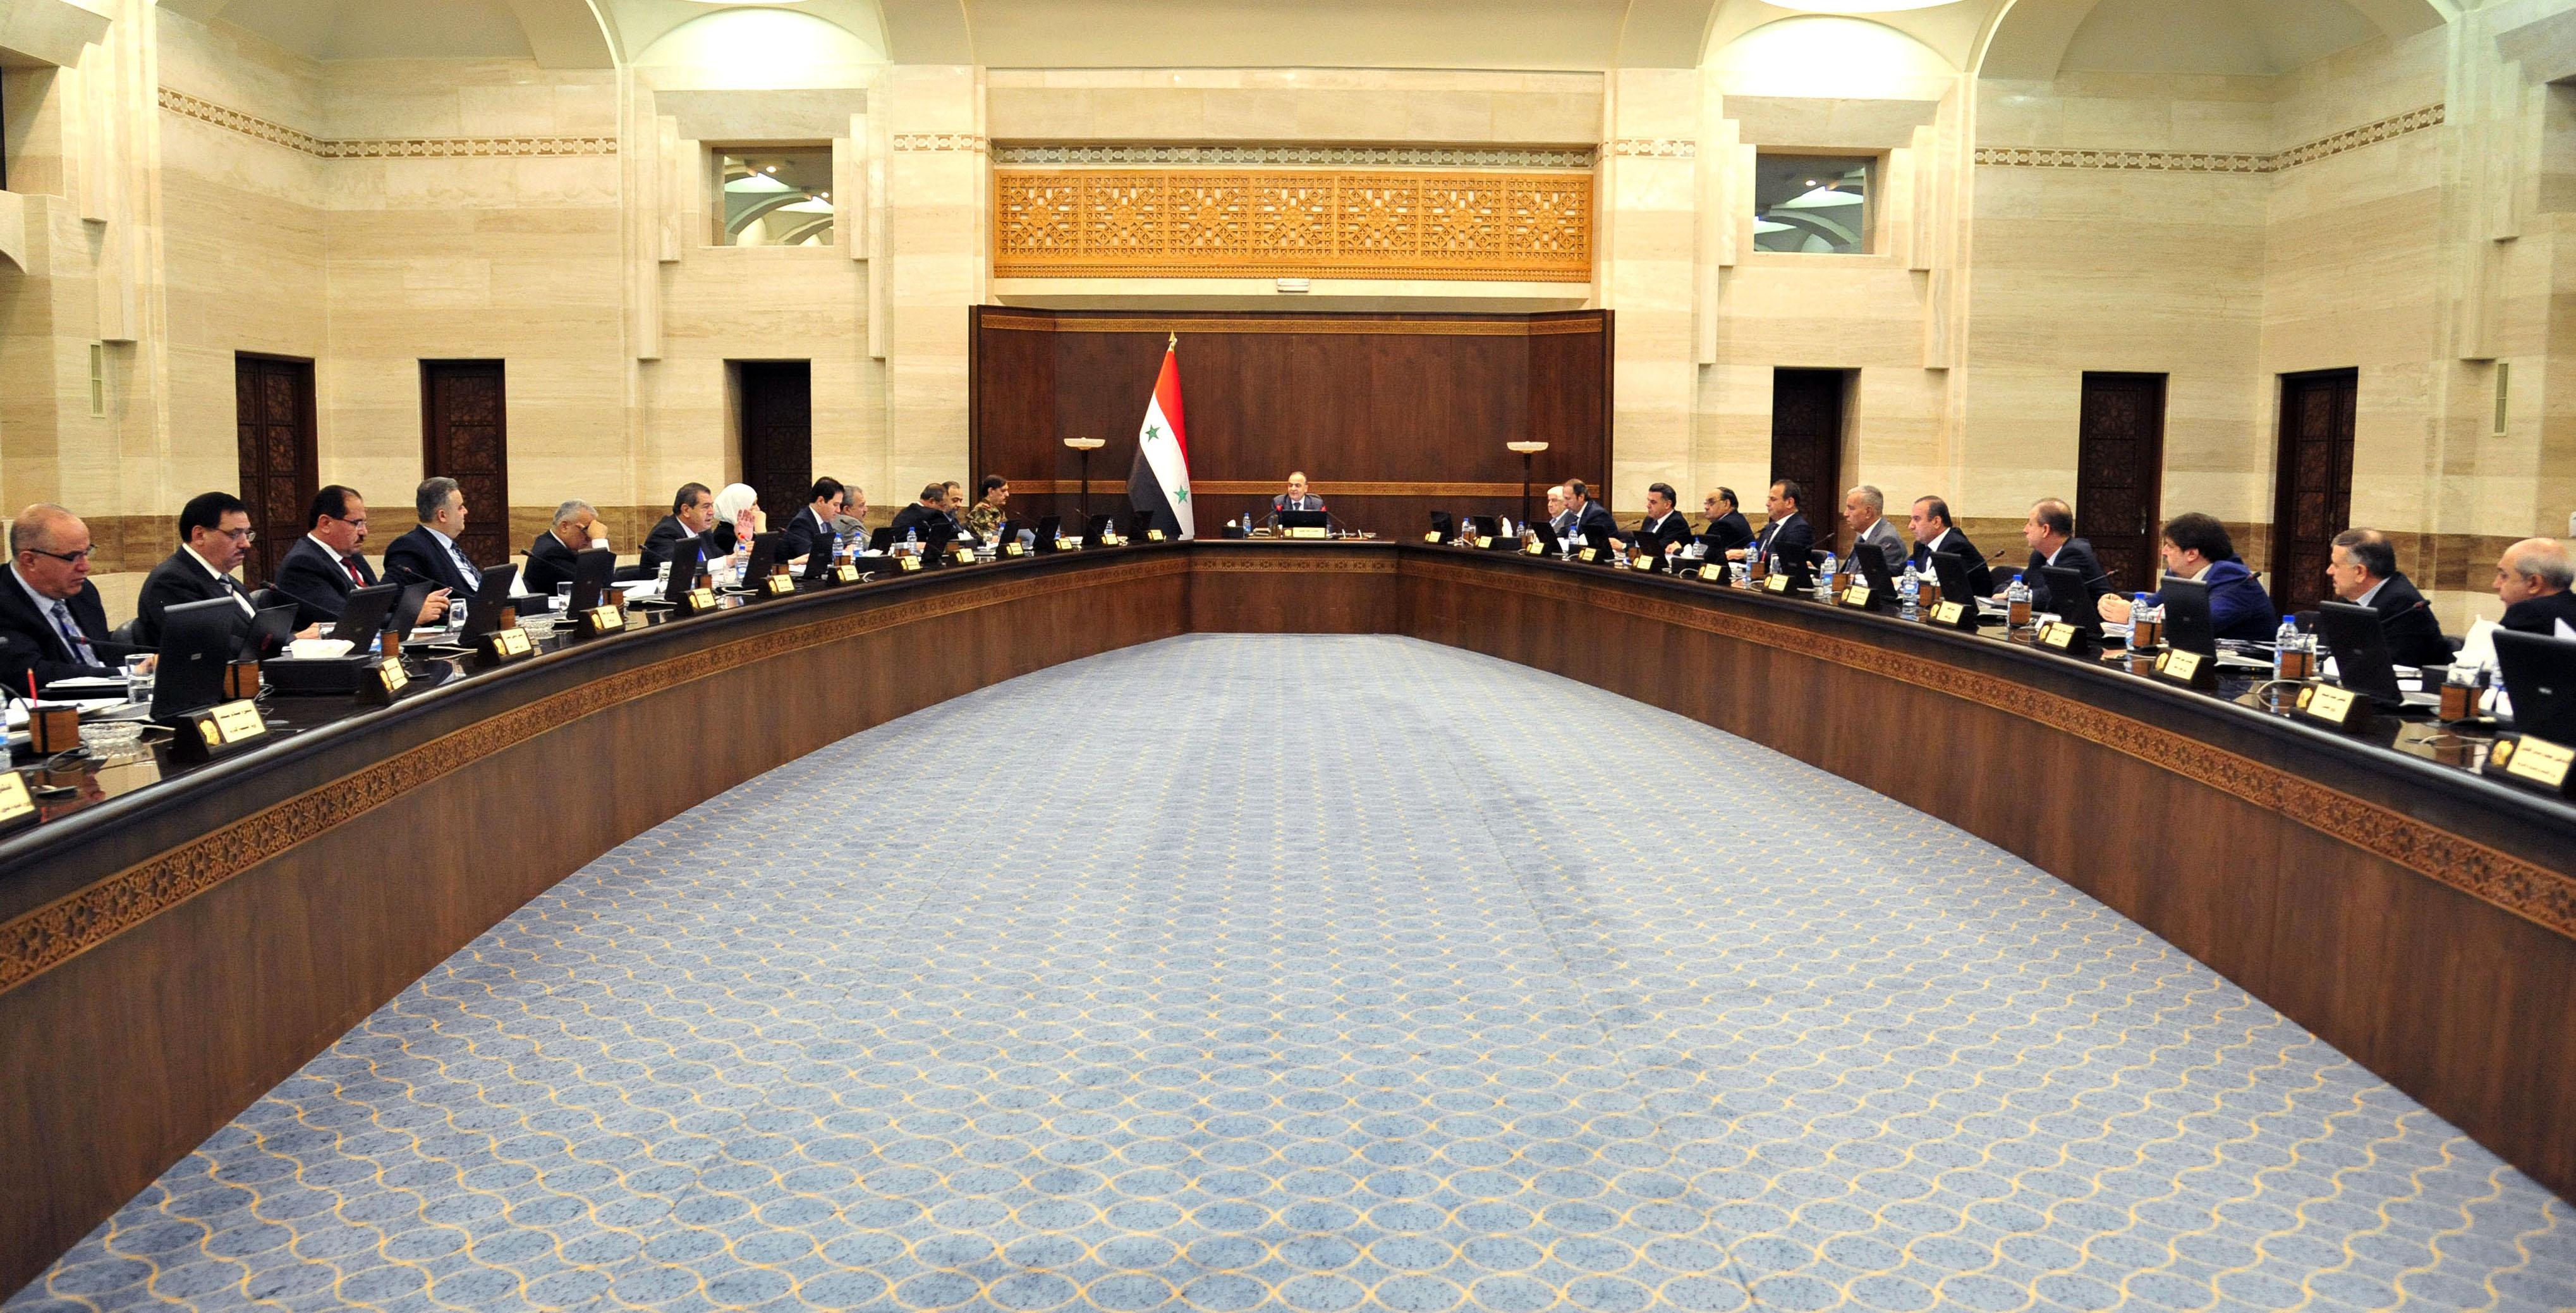 مجلس الوزراء يعتمد السياسة الإعلامية لدعم مشروع الإصلاح الإداري ويناقش مجموعة من القوانين